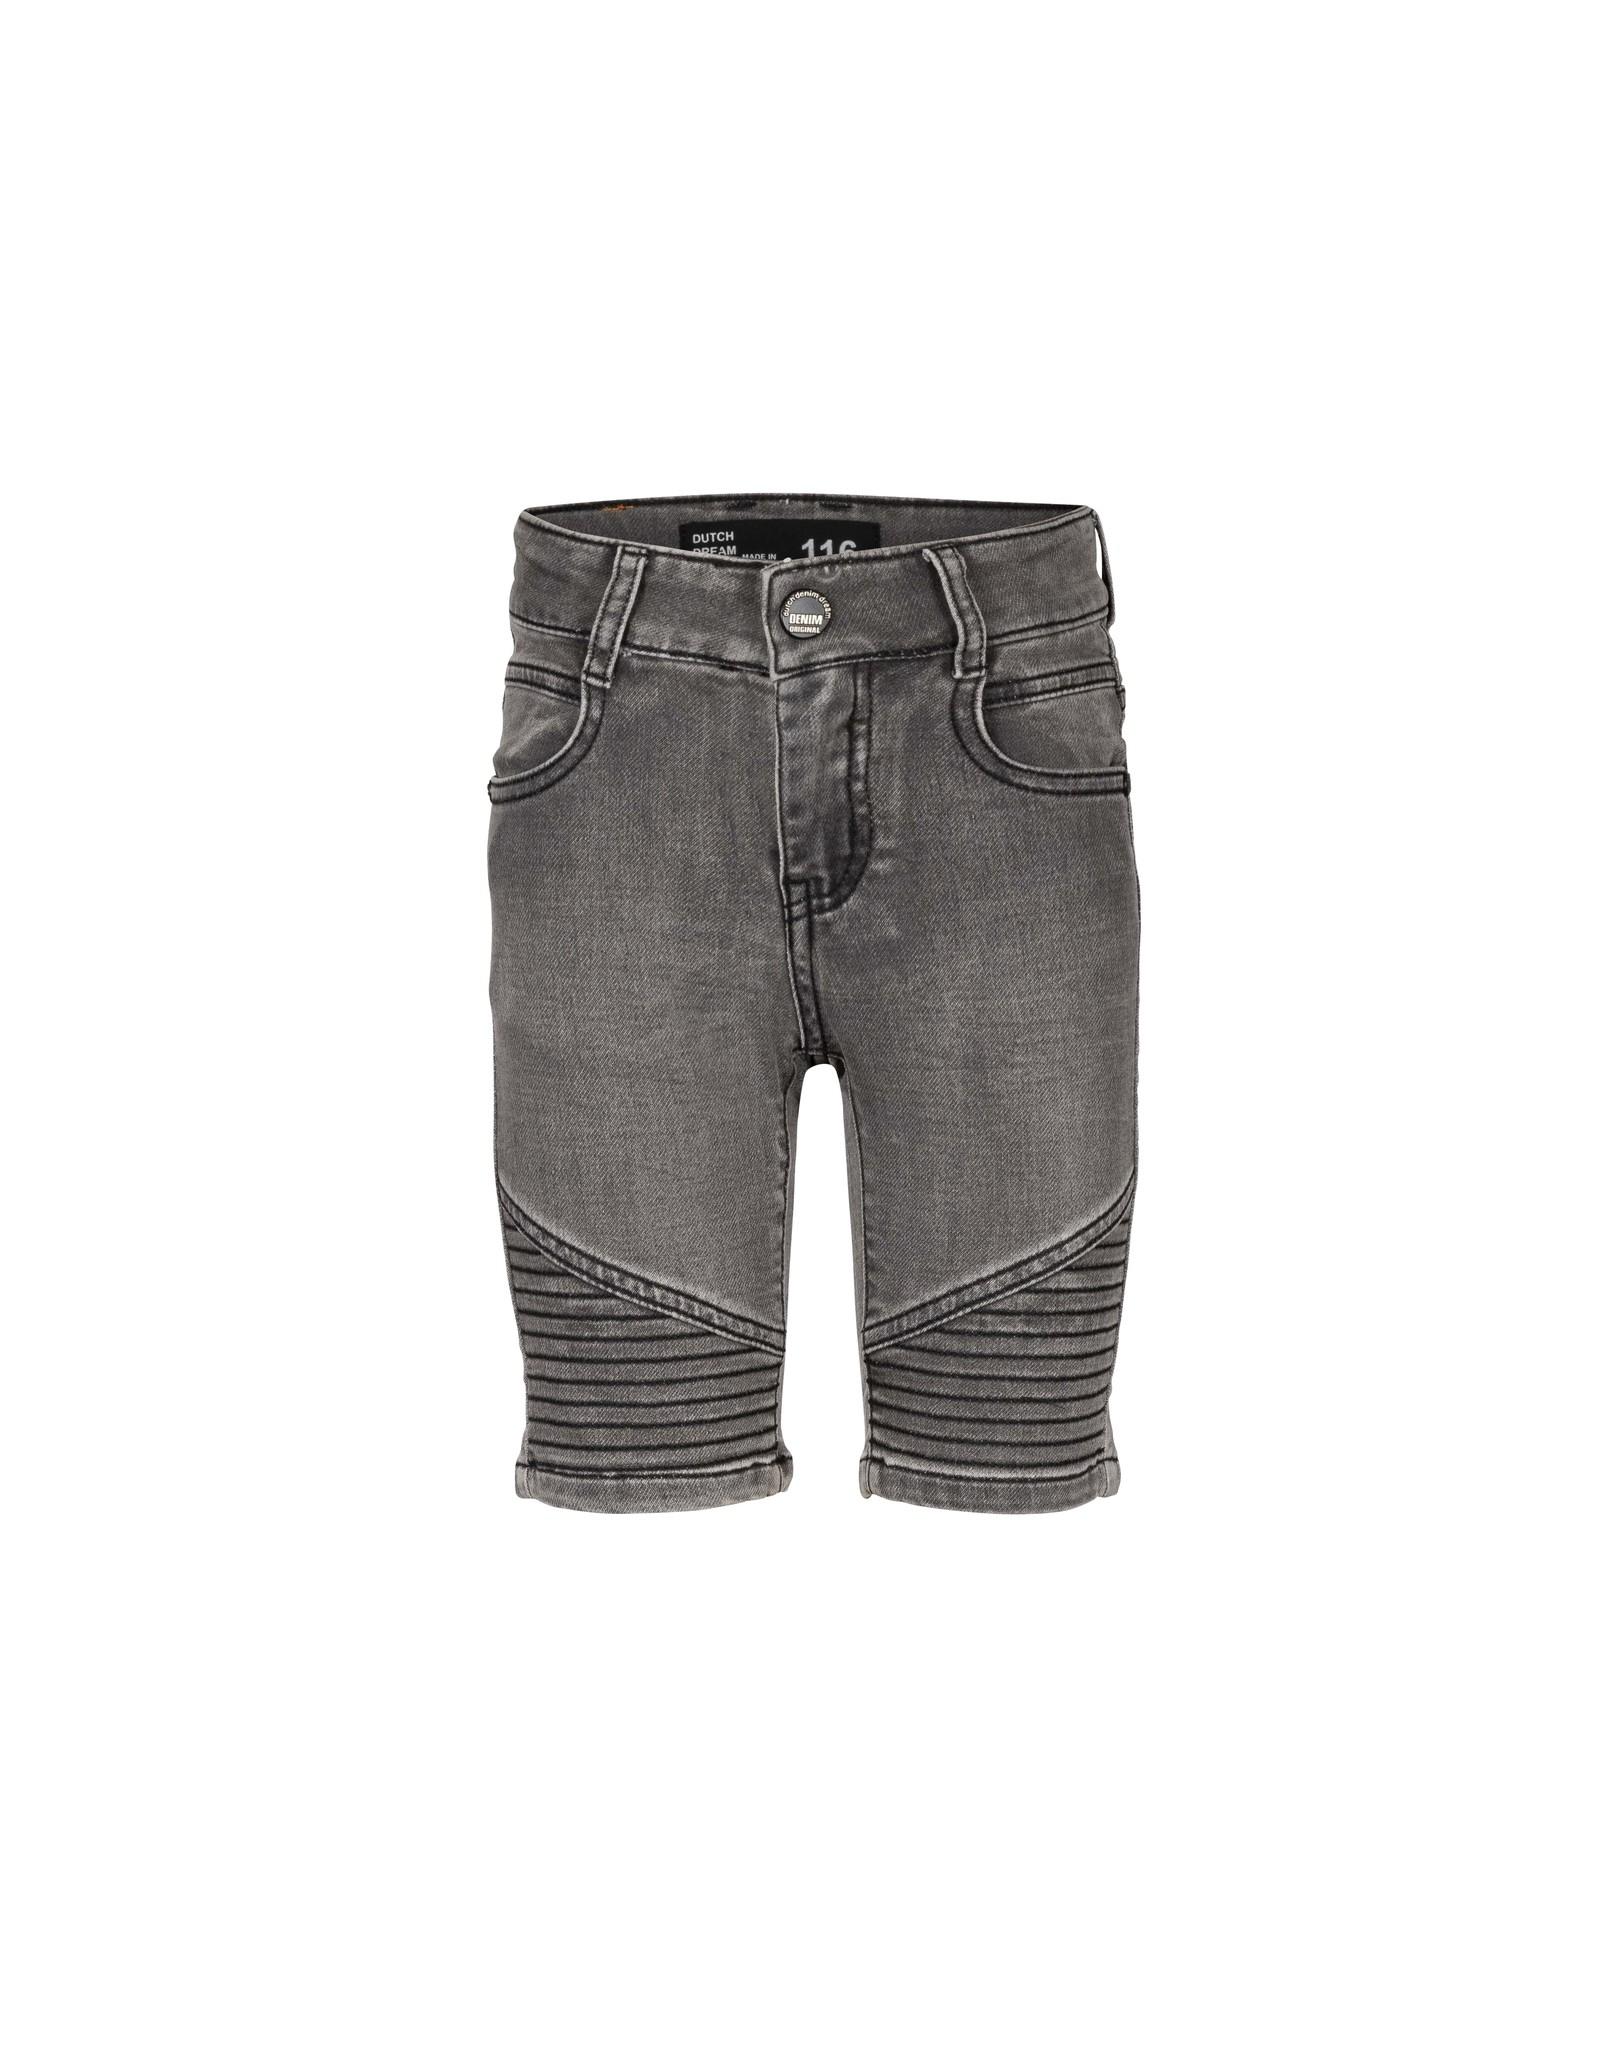 DDD DDD jongens extra slim fit jogg korte jeans Vunja Black